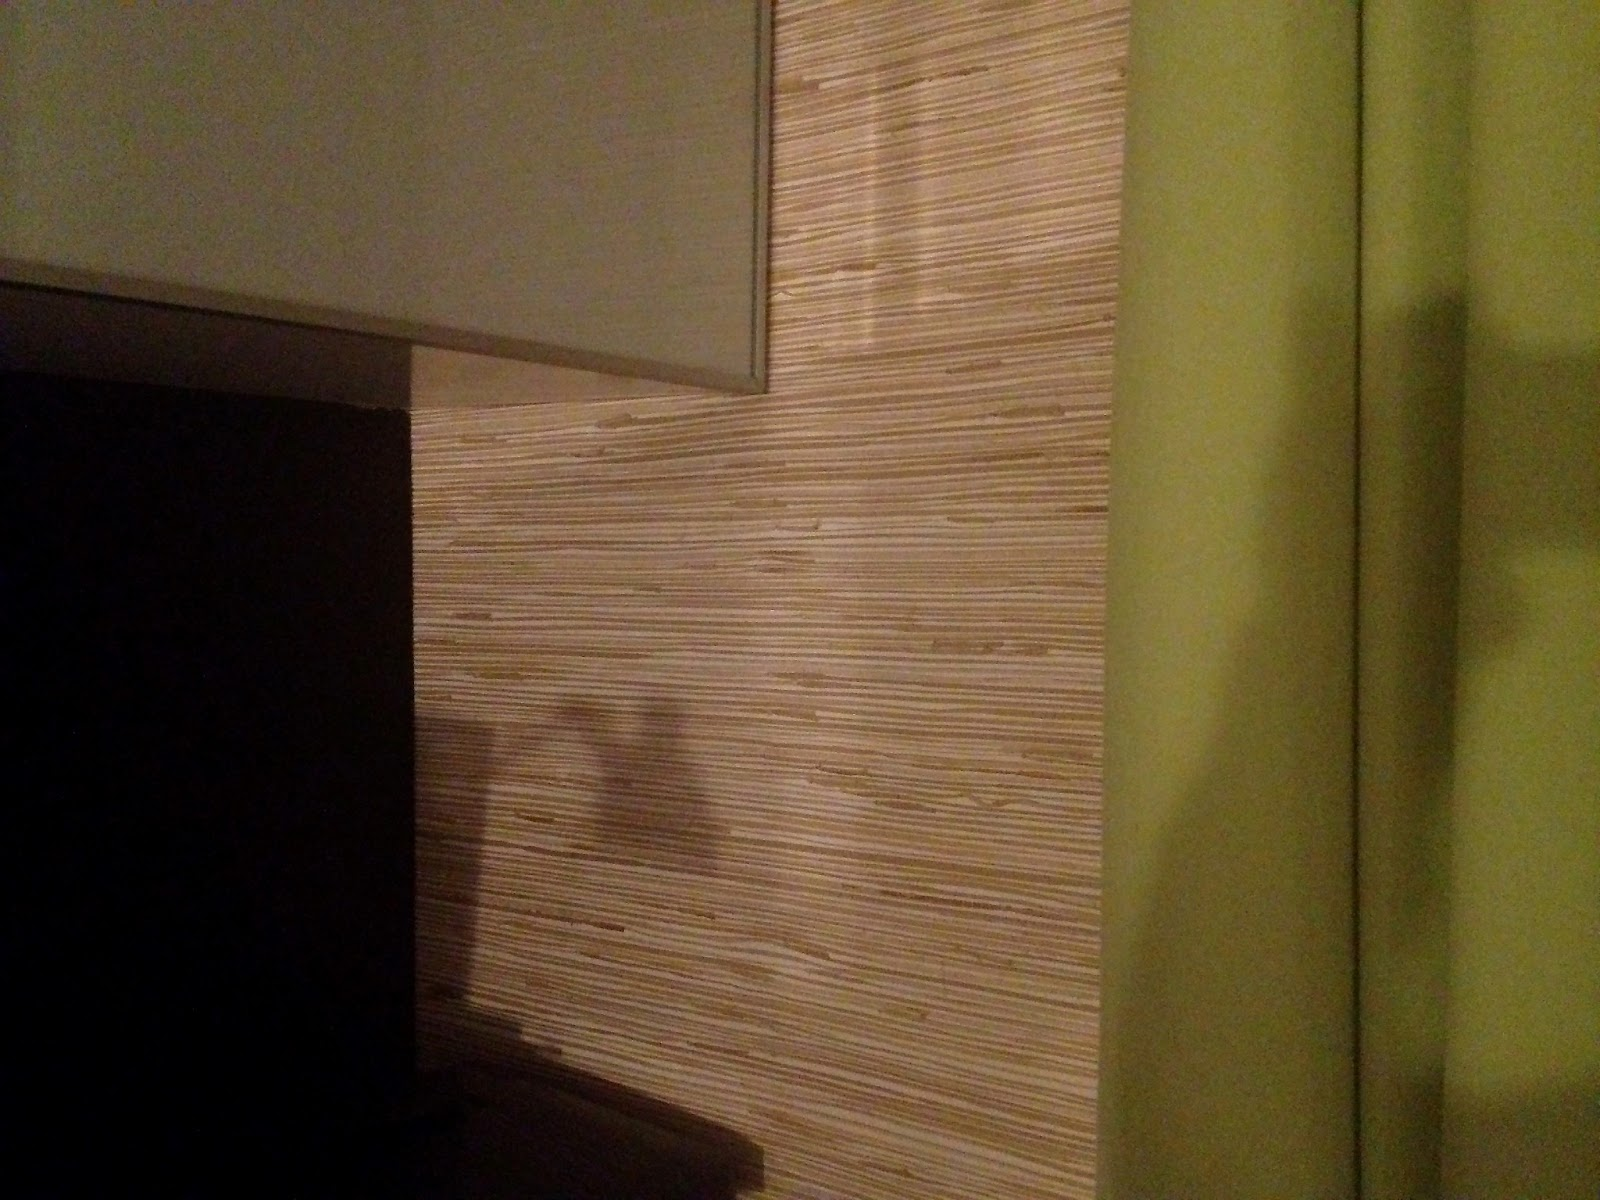 colle papier peint castorama maison design. Black Bedroom Furniture Sets. Home Design Ideas